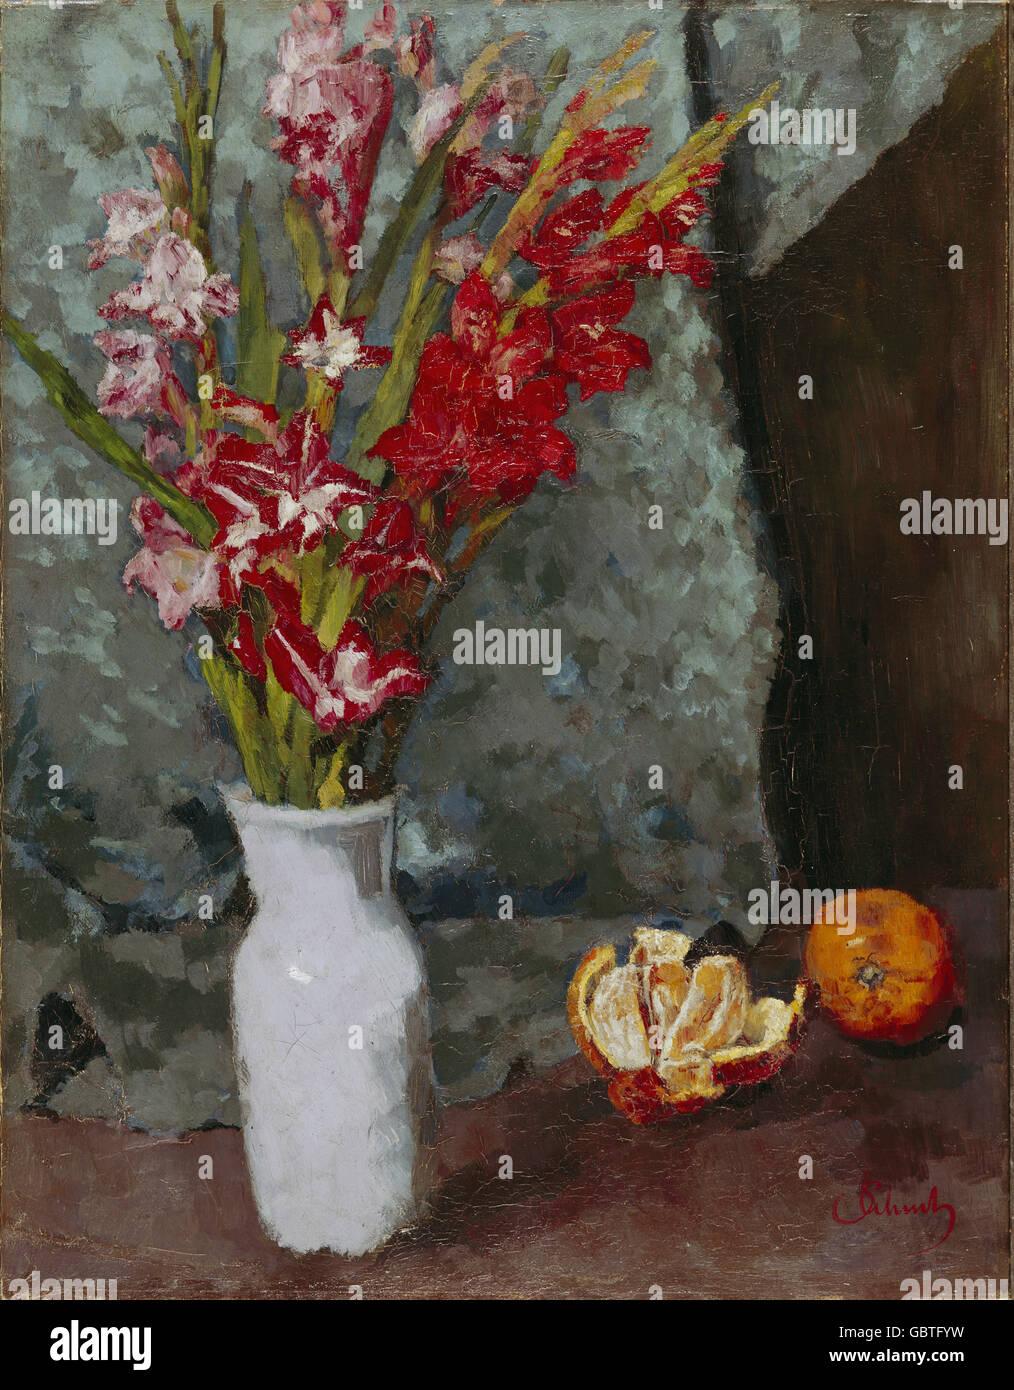 fine arts, Schuch, Karl (1846 - 1903), painting, 'Gladioli and Oranges' ('Gladiolen und Apfelsinen'), - Stock Image